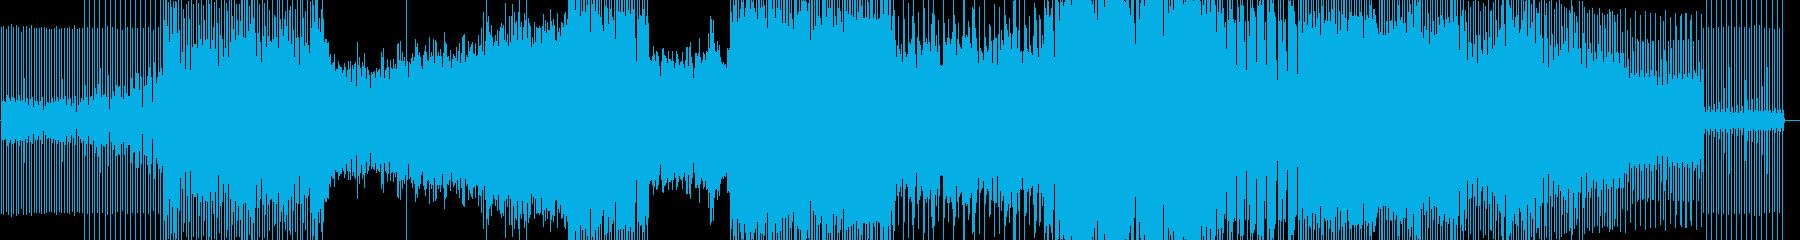 メロディック。エレクトロニック-ダ...の再生済みの波形